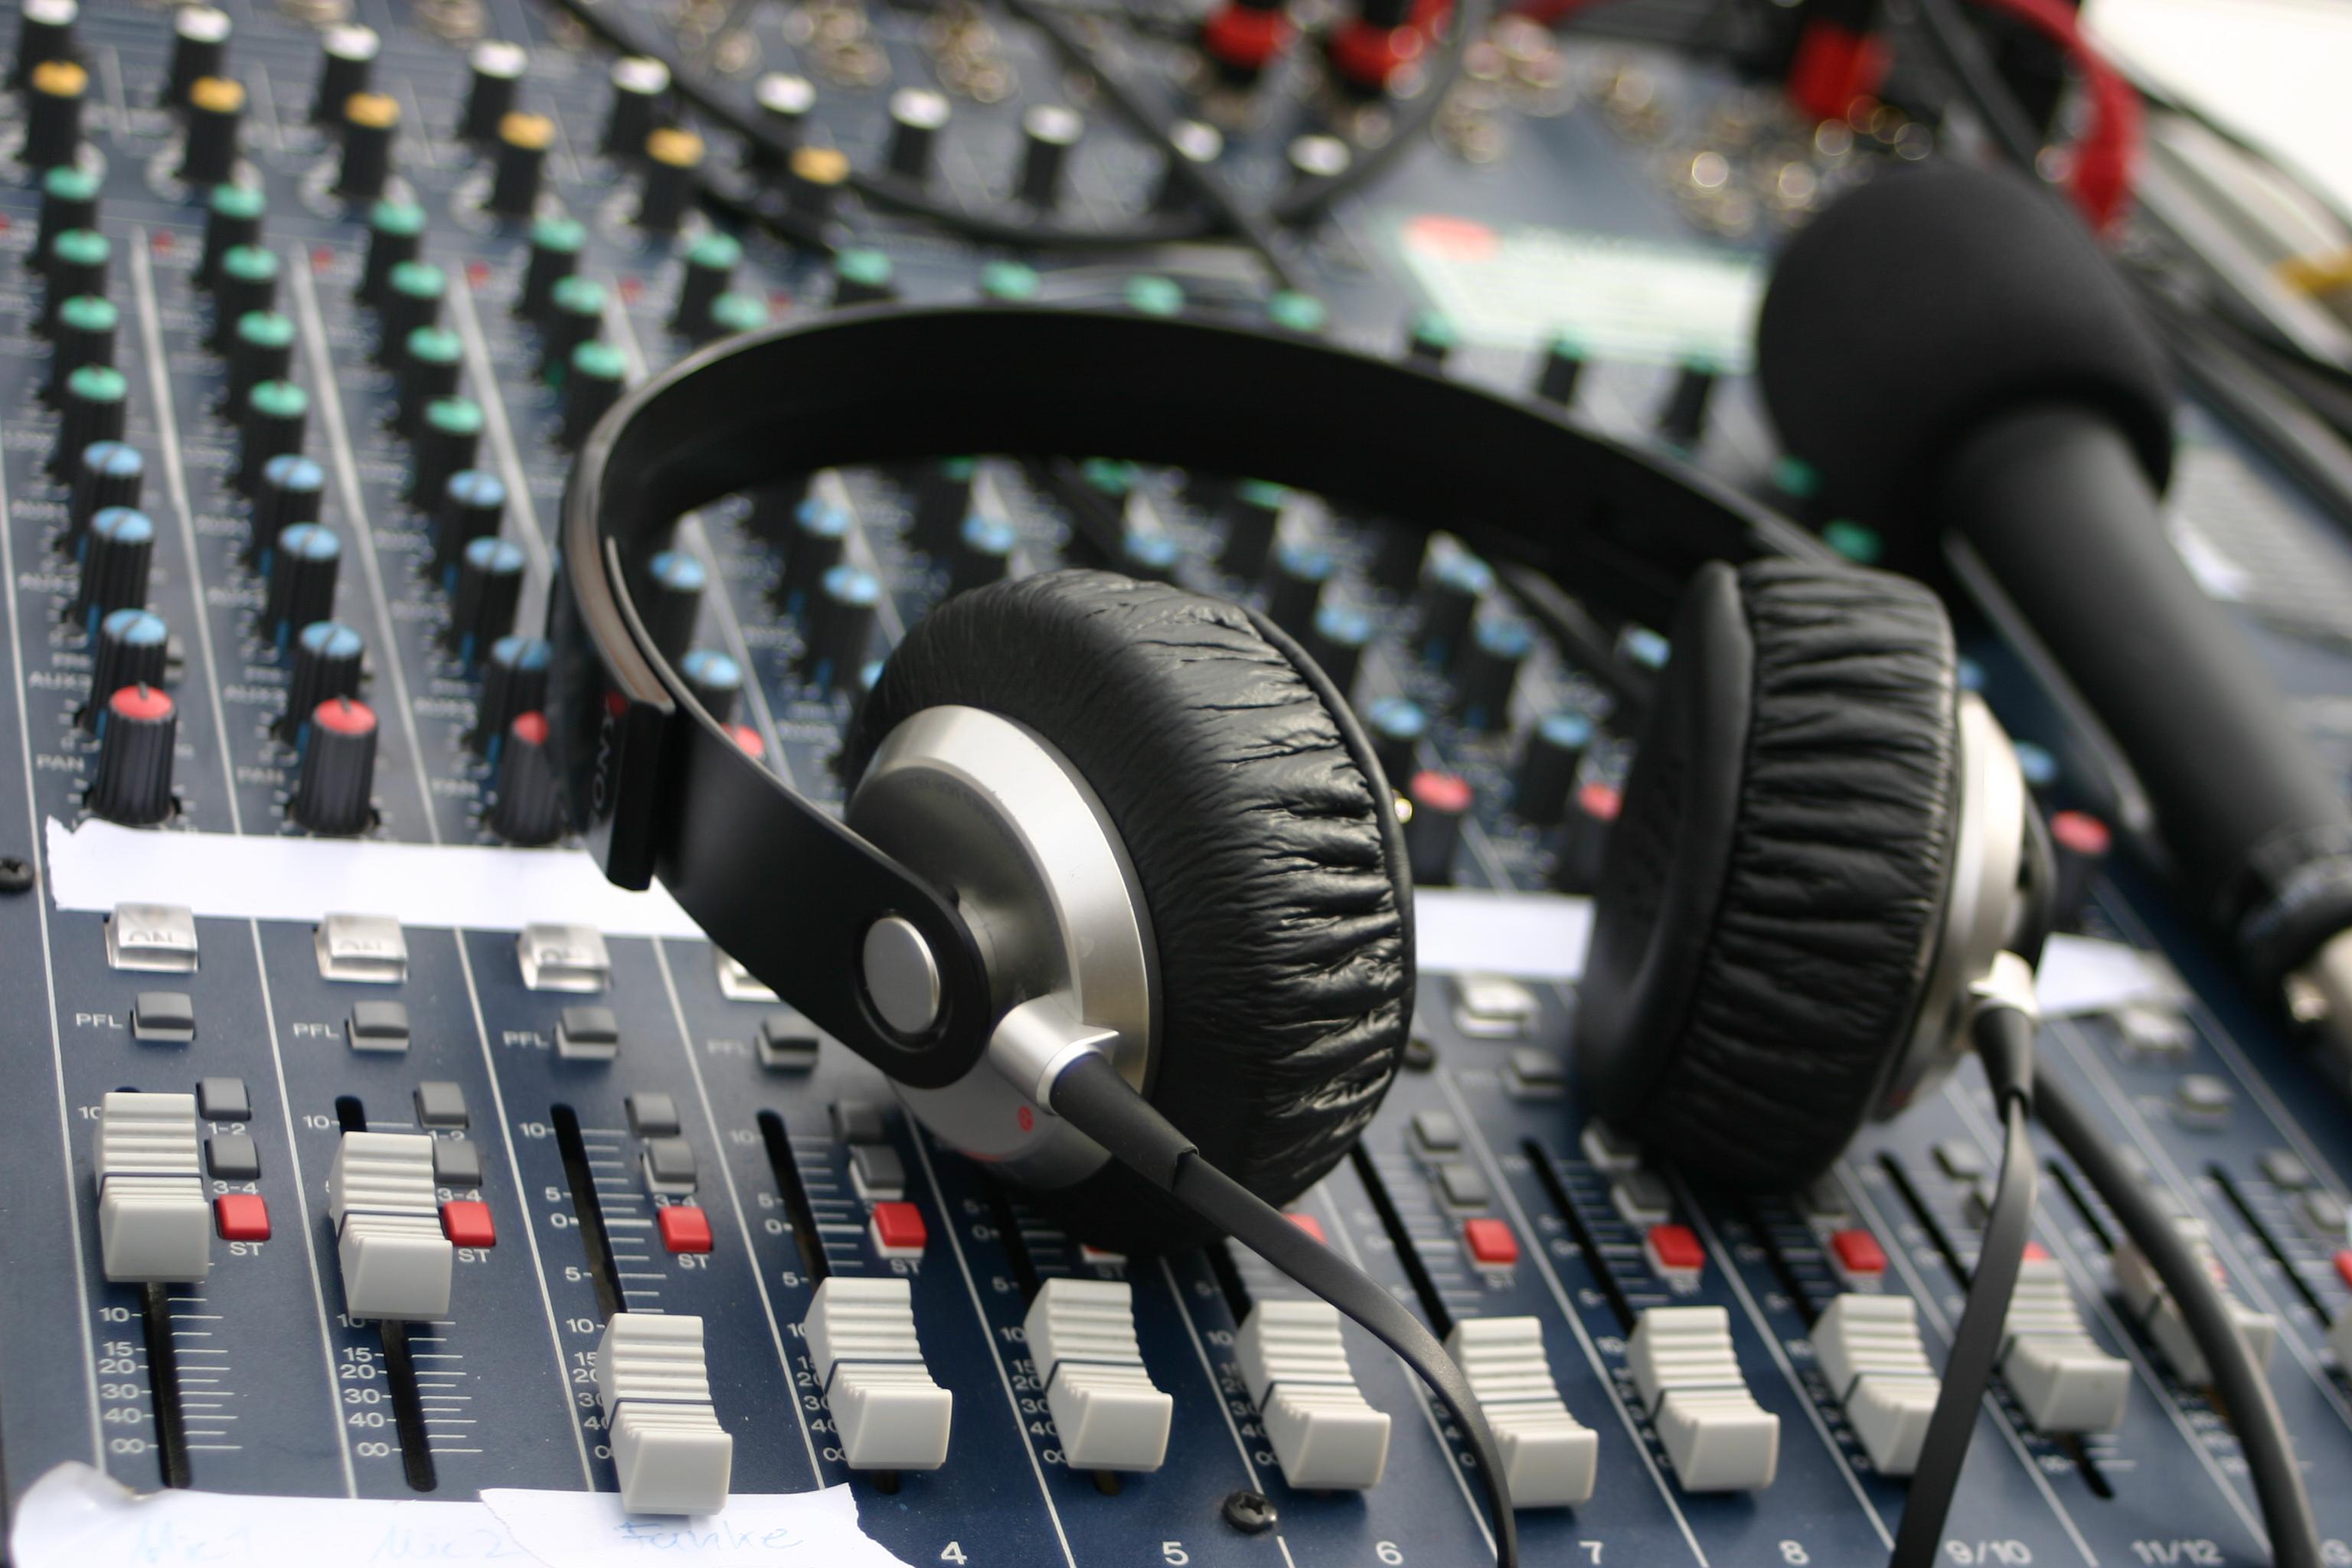 Kopfhörer auf Mischpult, Bildrechte: LoHRO